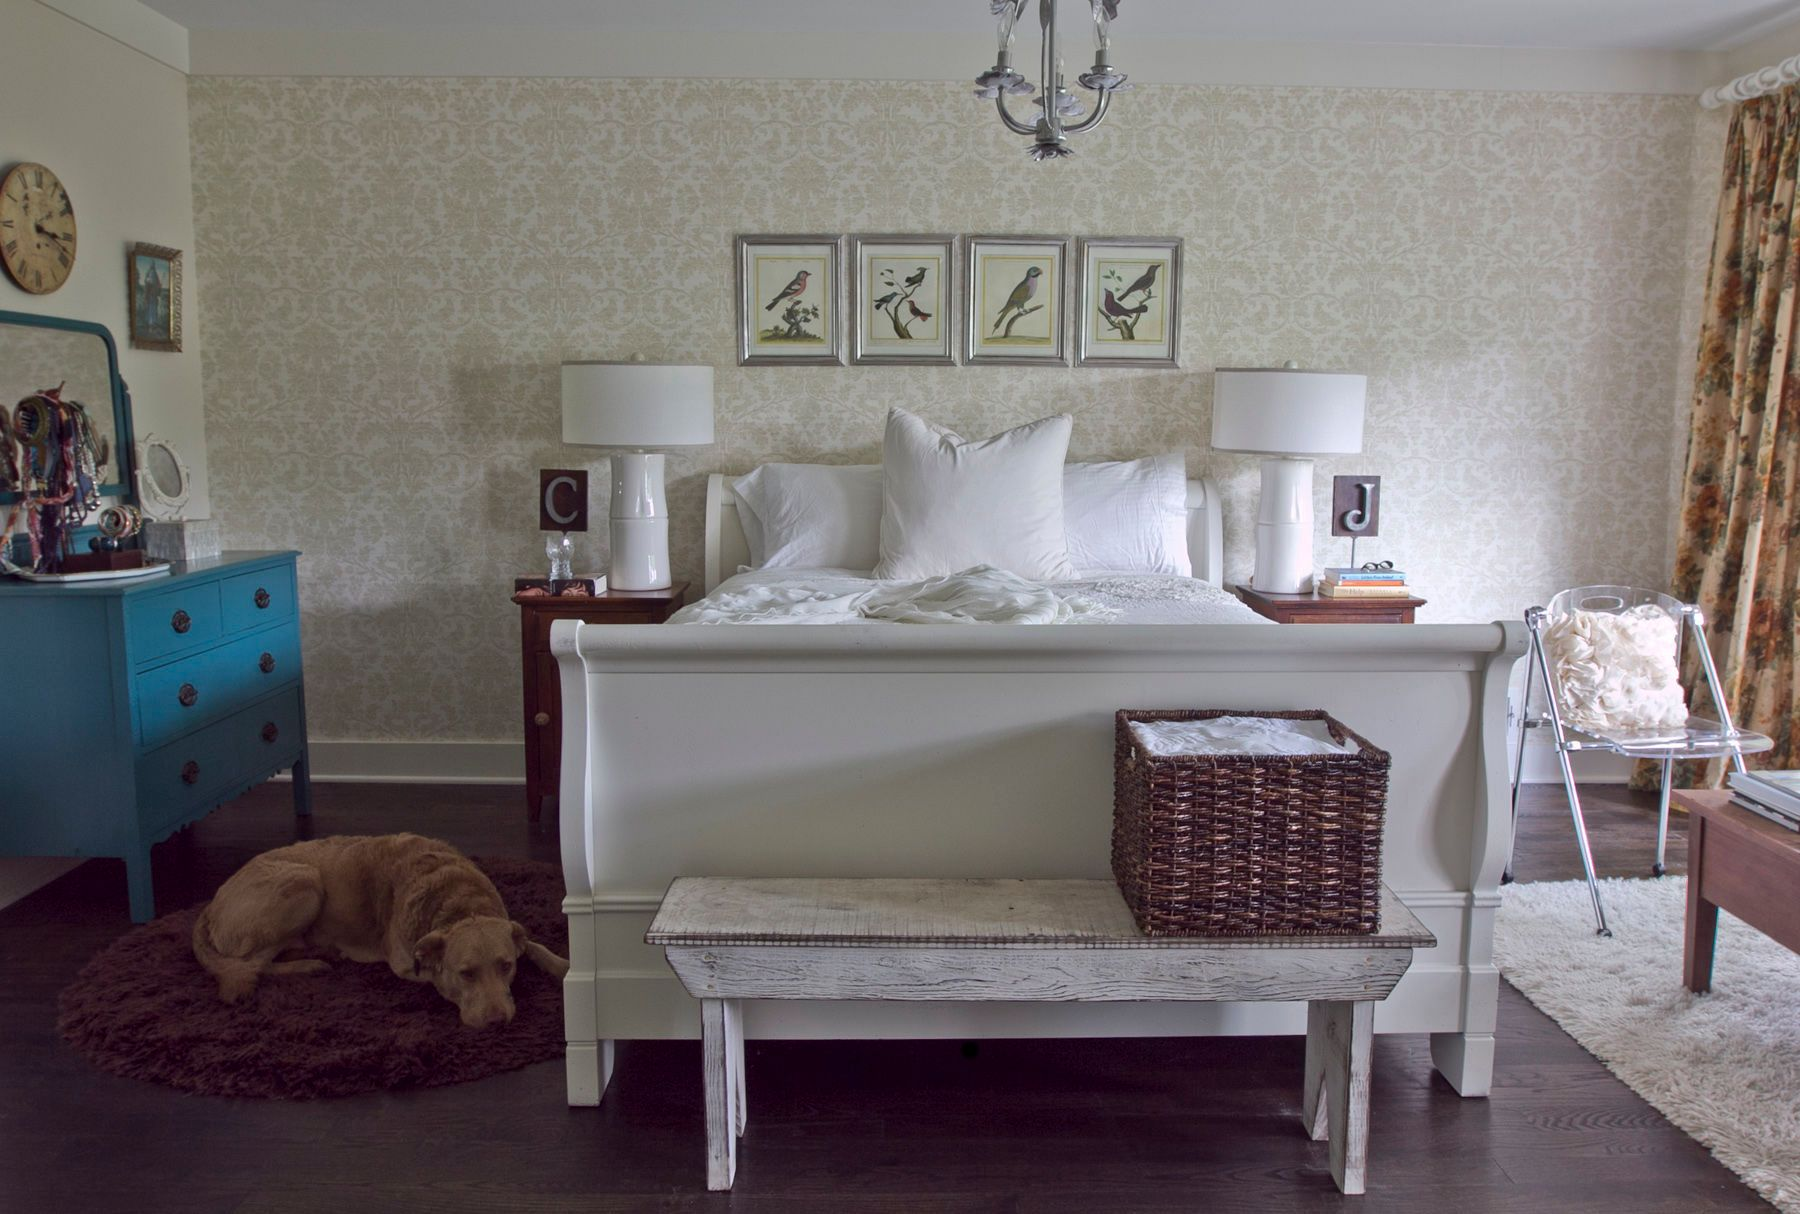 1holloway_bedroom.jpg